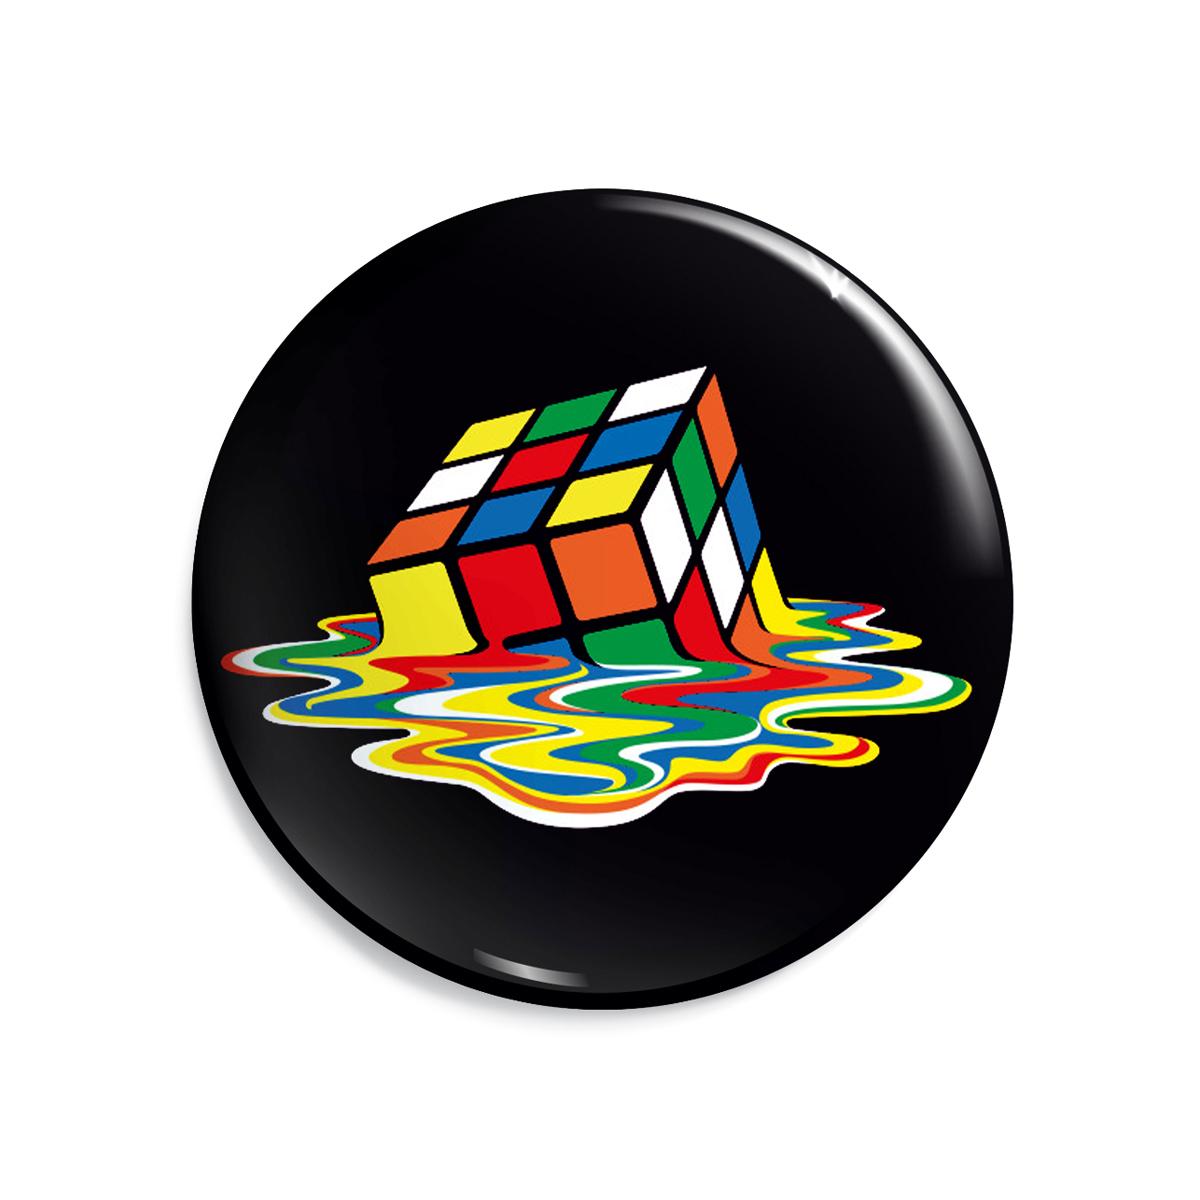 قیمت پیکسل تیداکس مدل بازی مکعب روبیک AS032